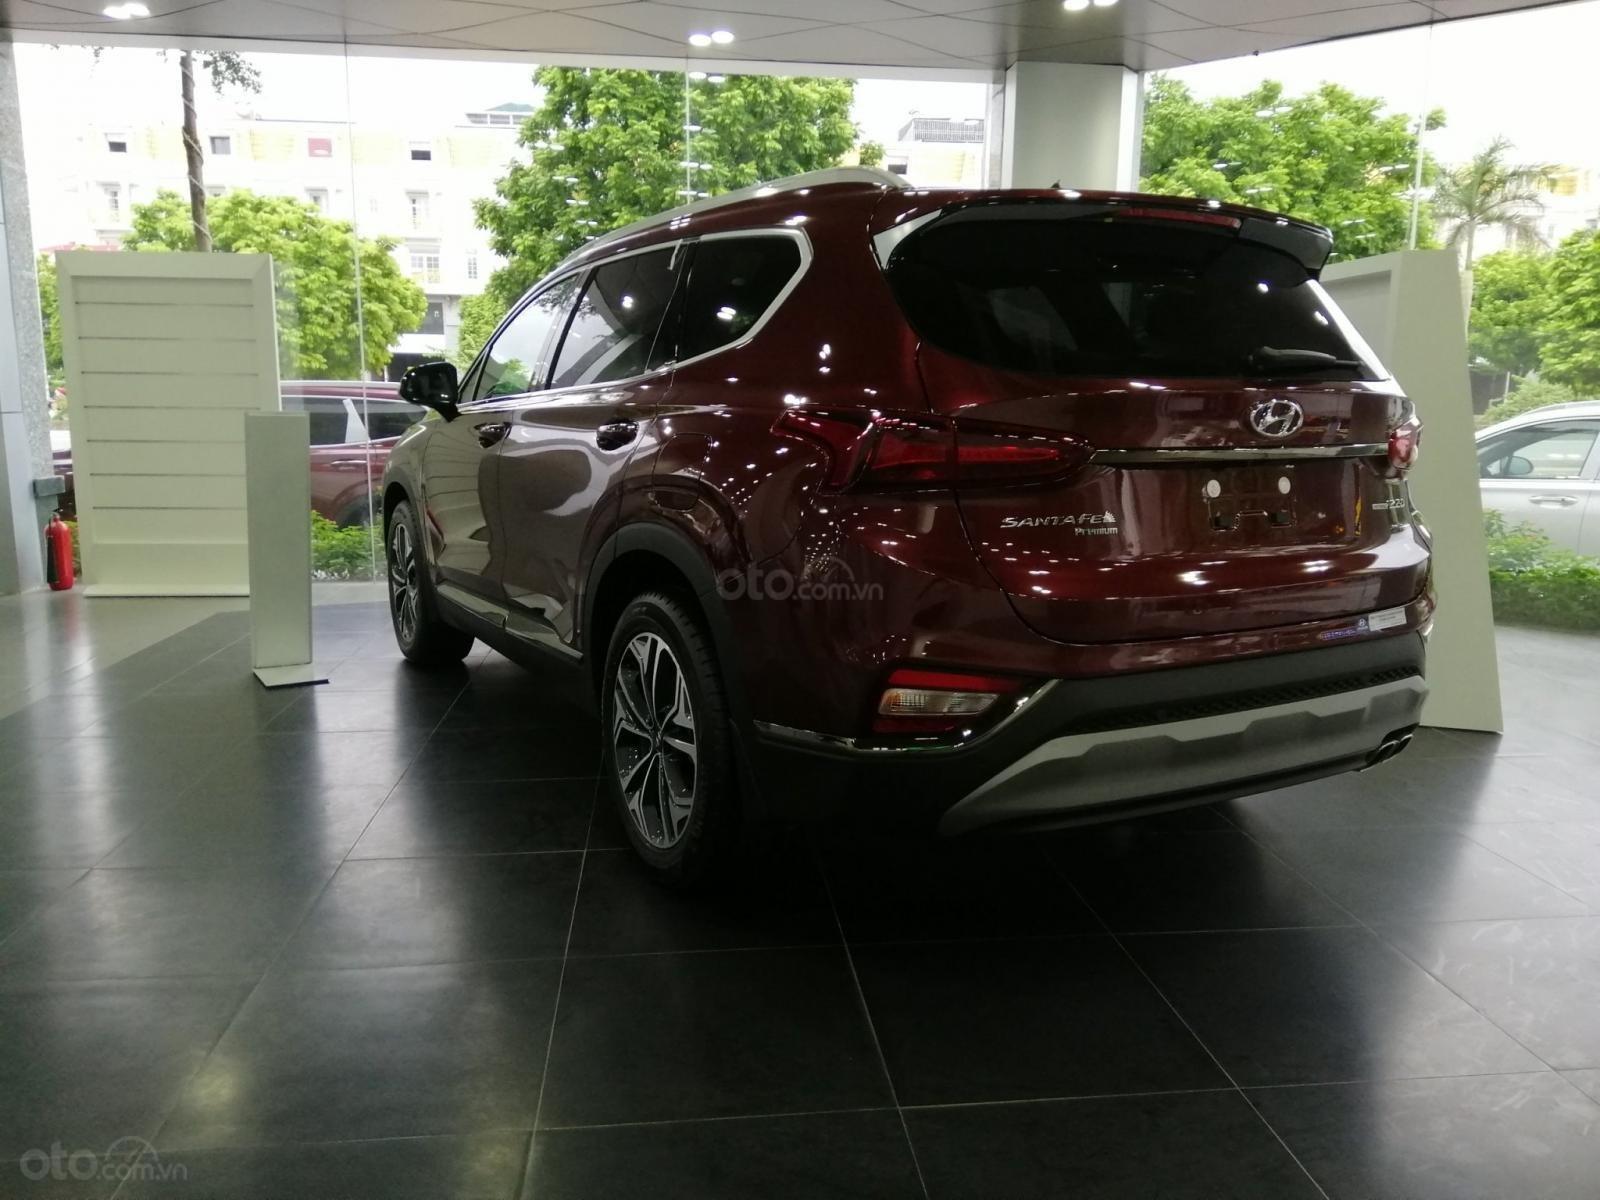 Bán Hyundai Santa Fe số tự động bản dầu cao cấp, sẵn xe, sẵn màu giao ngay, giá tốt nhất miền Bắc (7)